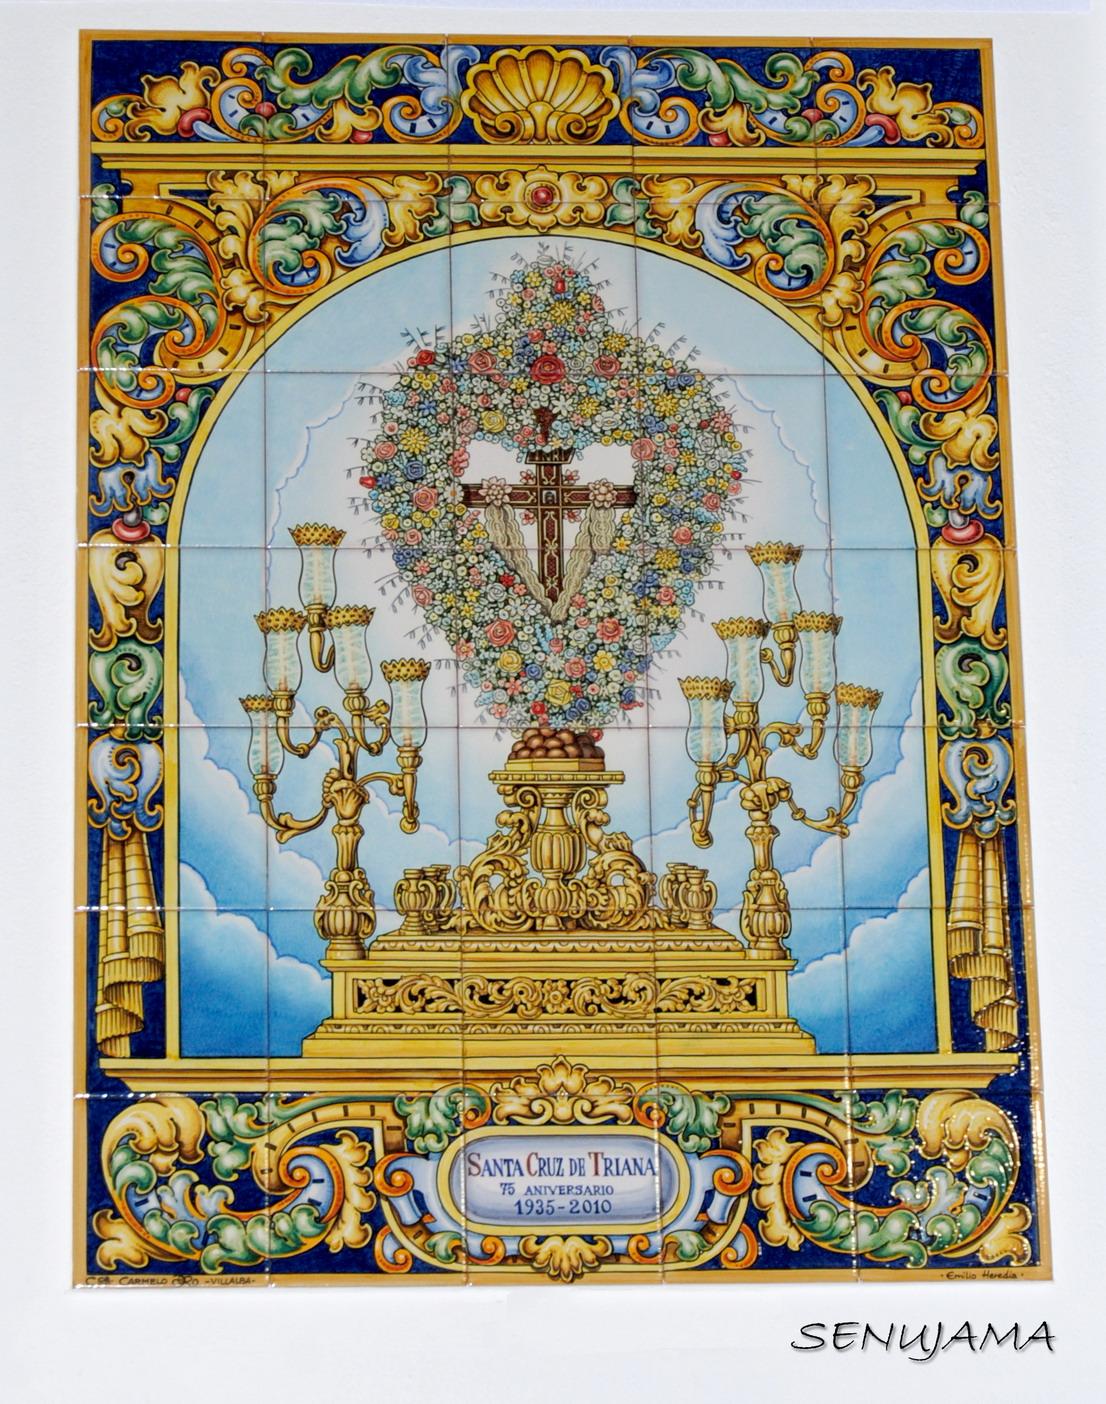 Palomares se mueve las cruces de mayo en andaluc a - Copia de azulejos ...